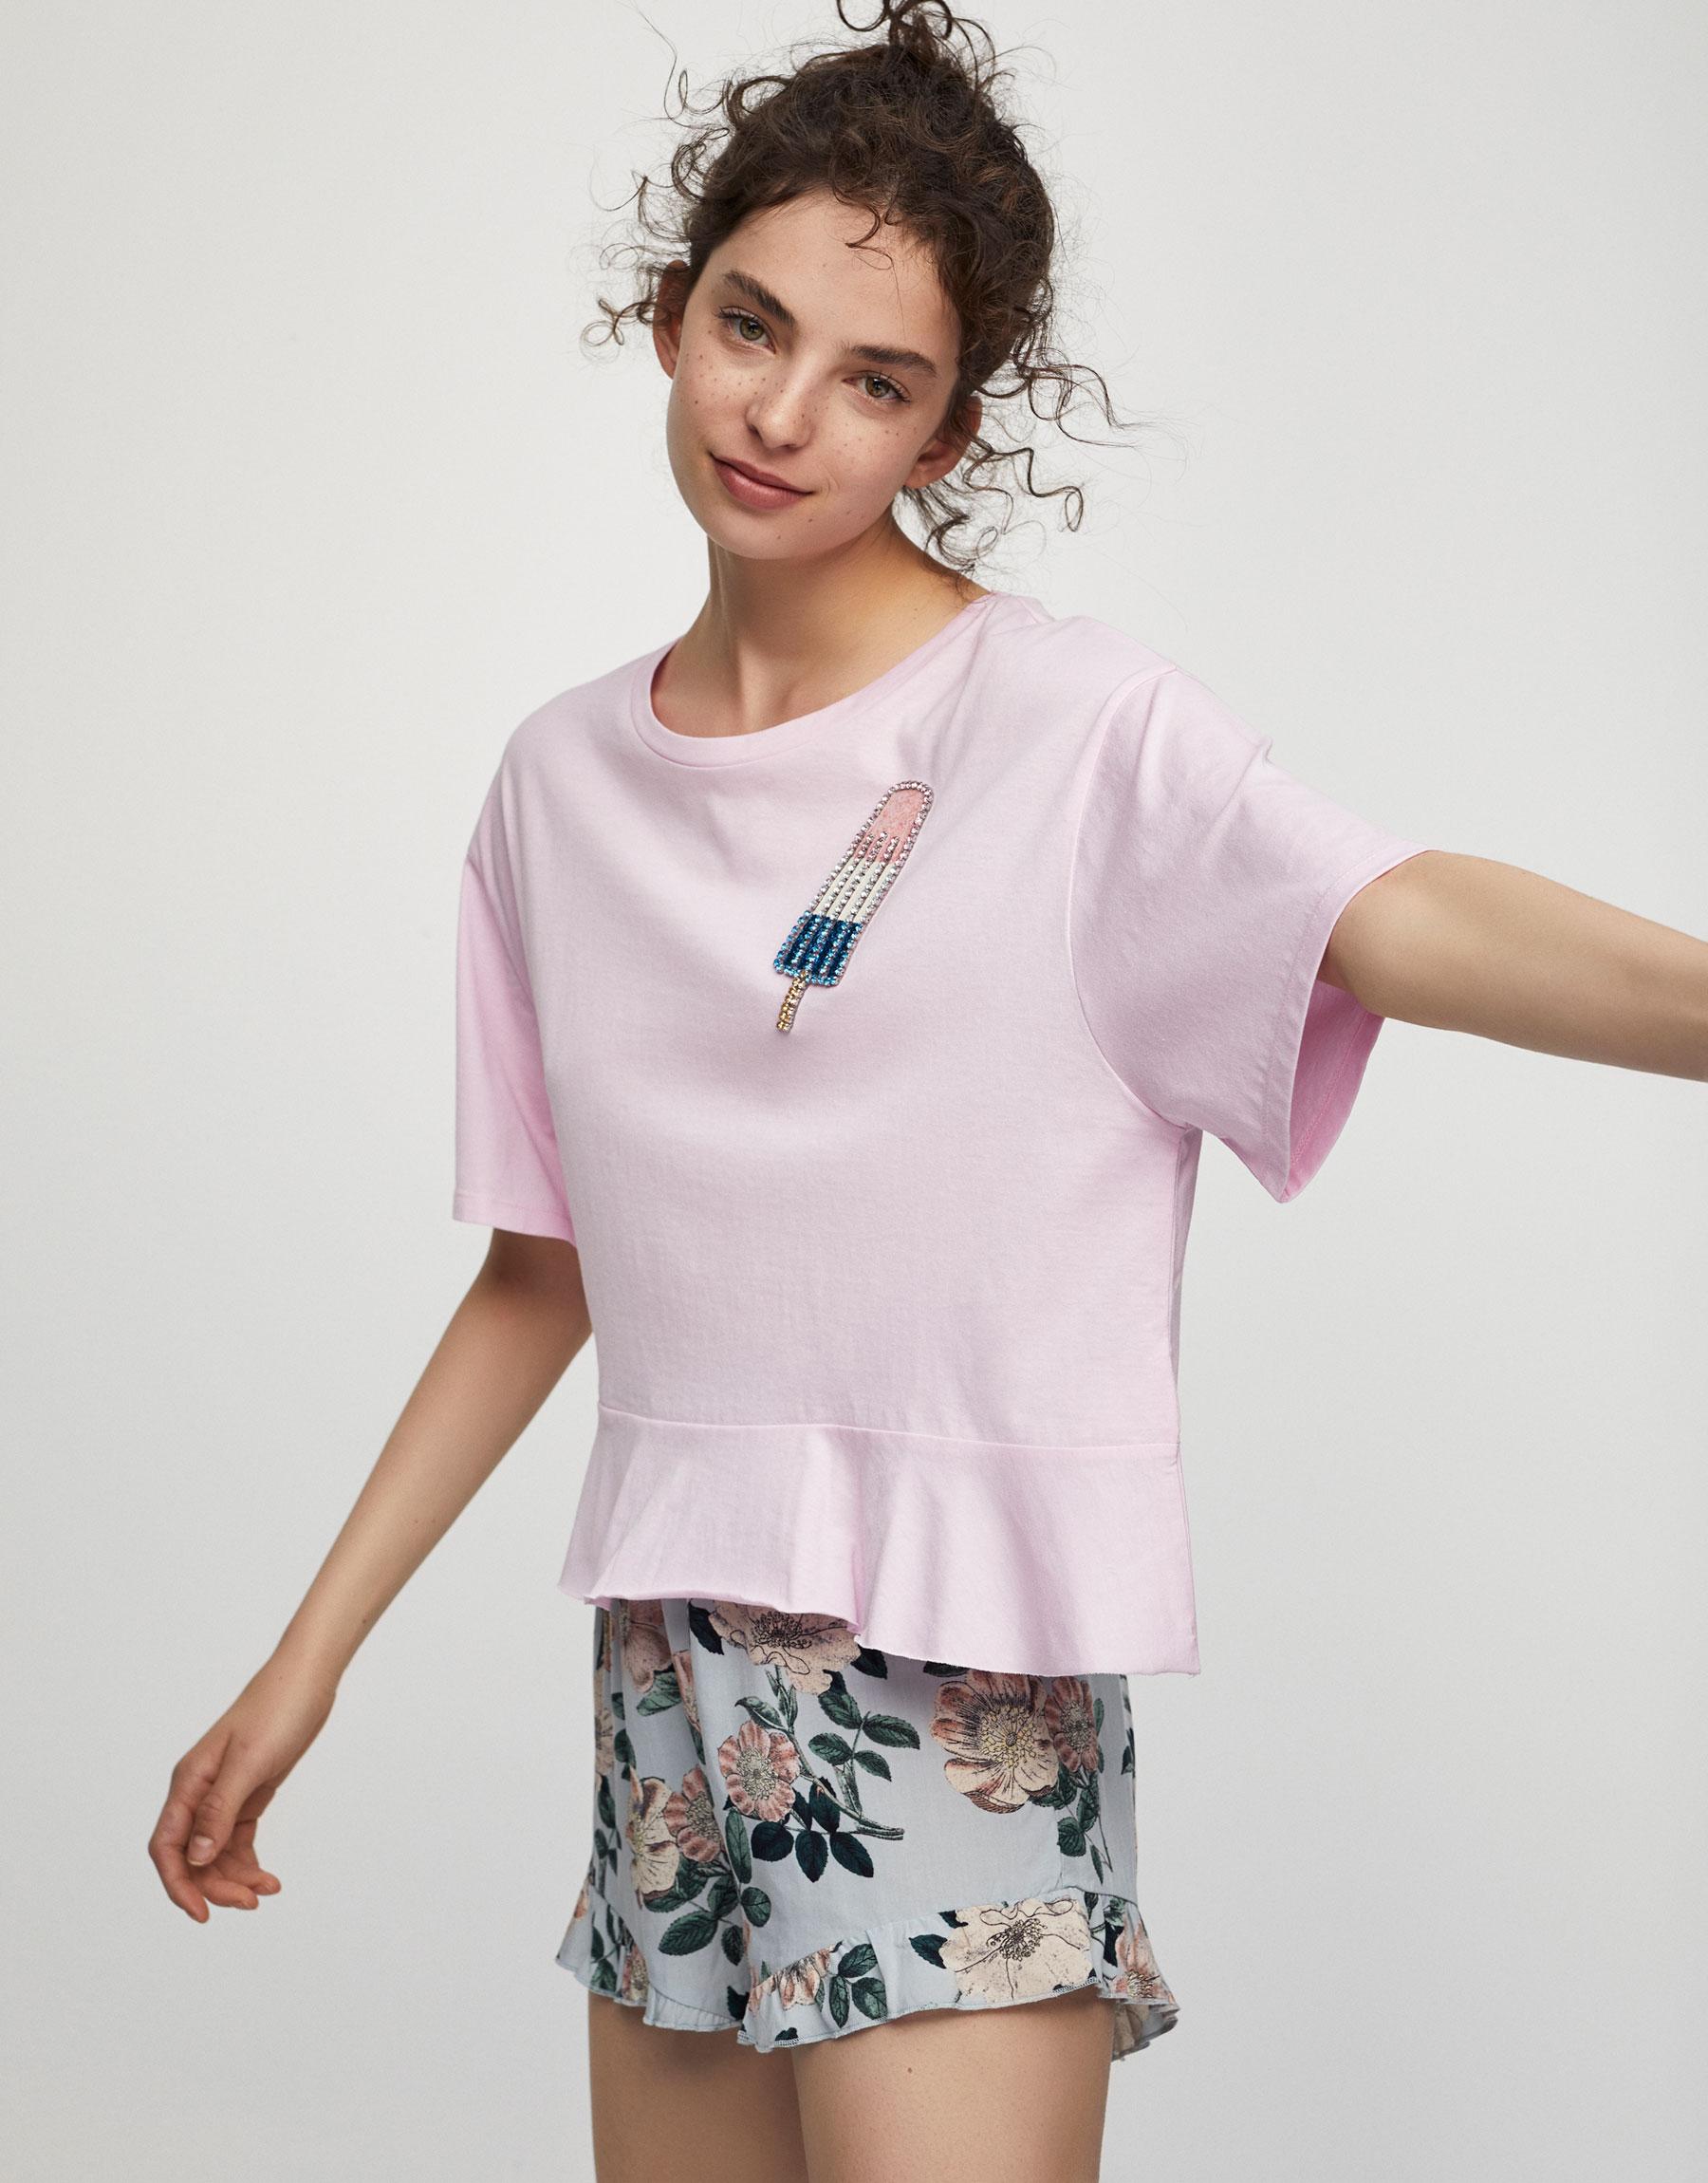 T-shirt com aplique com brilho e gelado